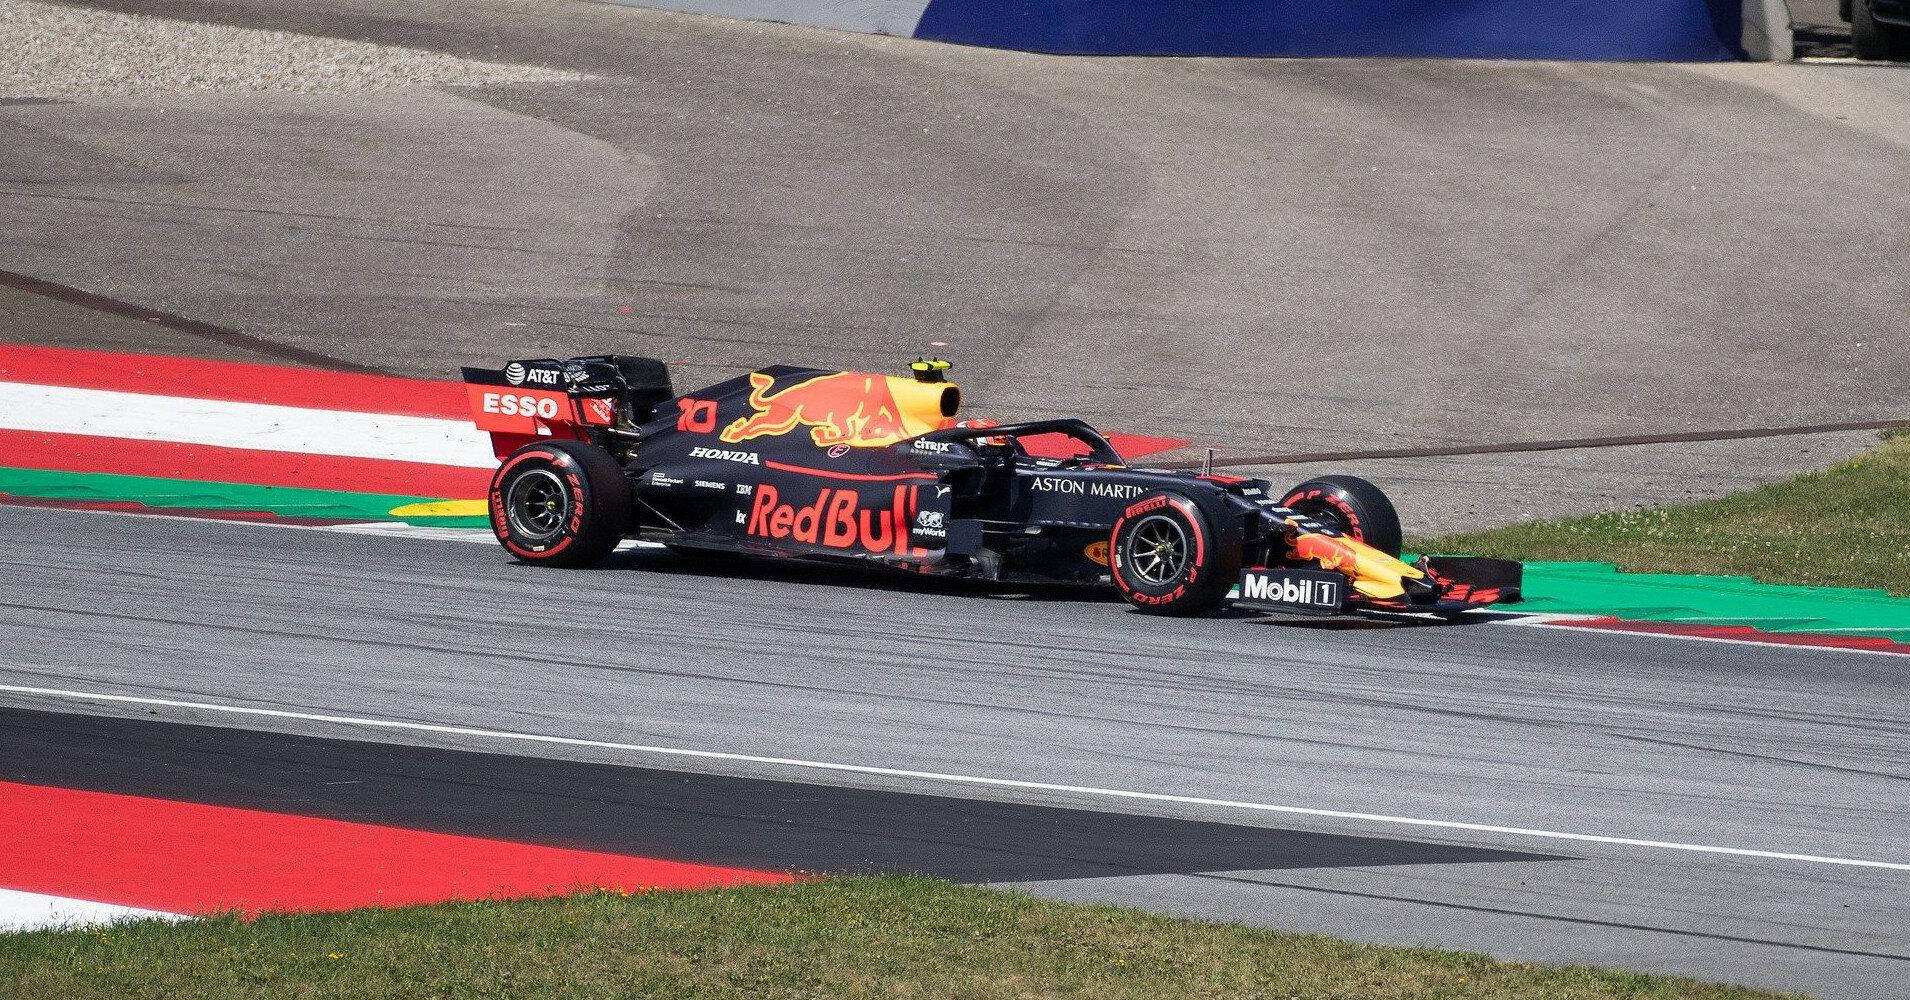 Гран-при Бельгии Формулы-1 не состоялось из-за непогоды